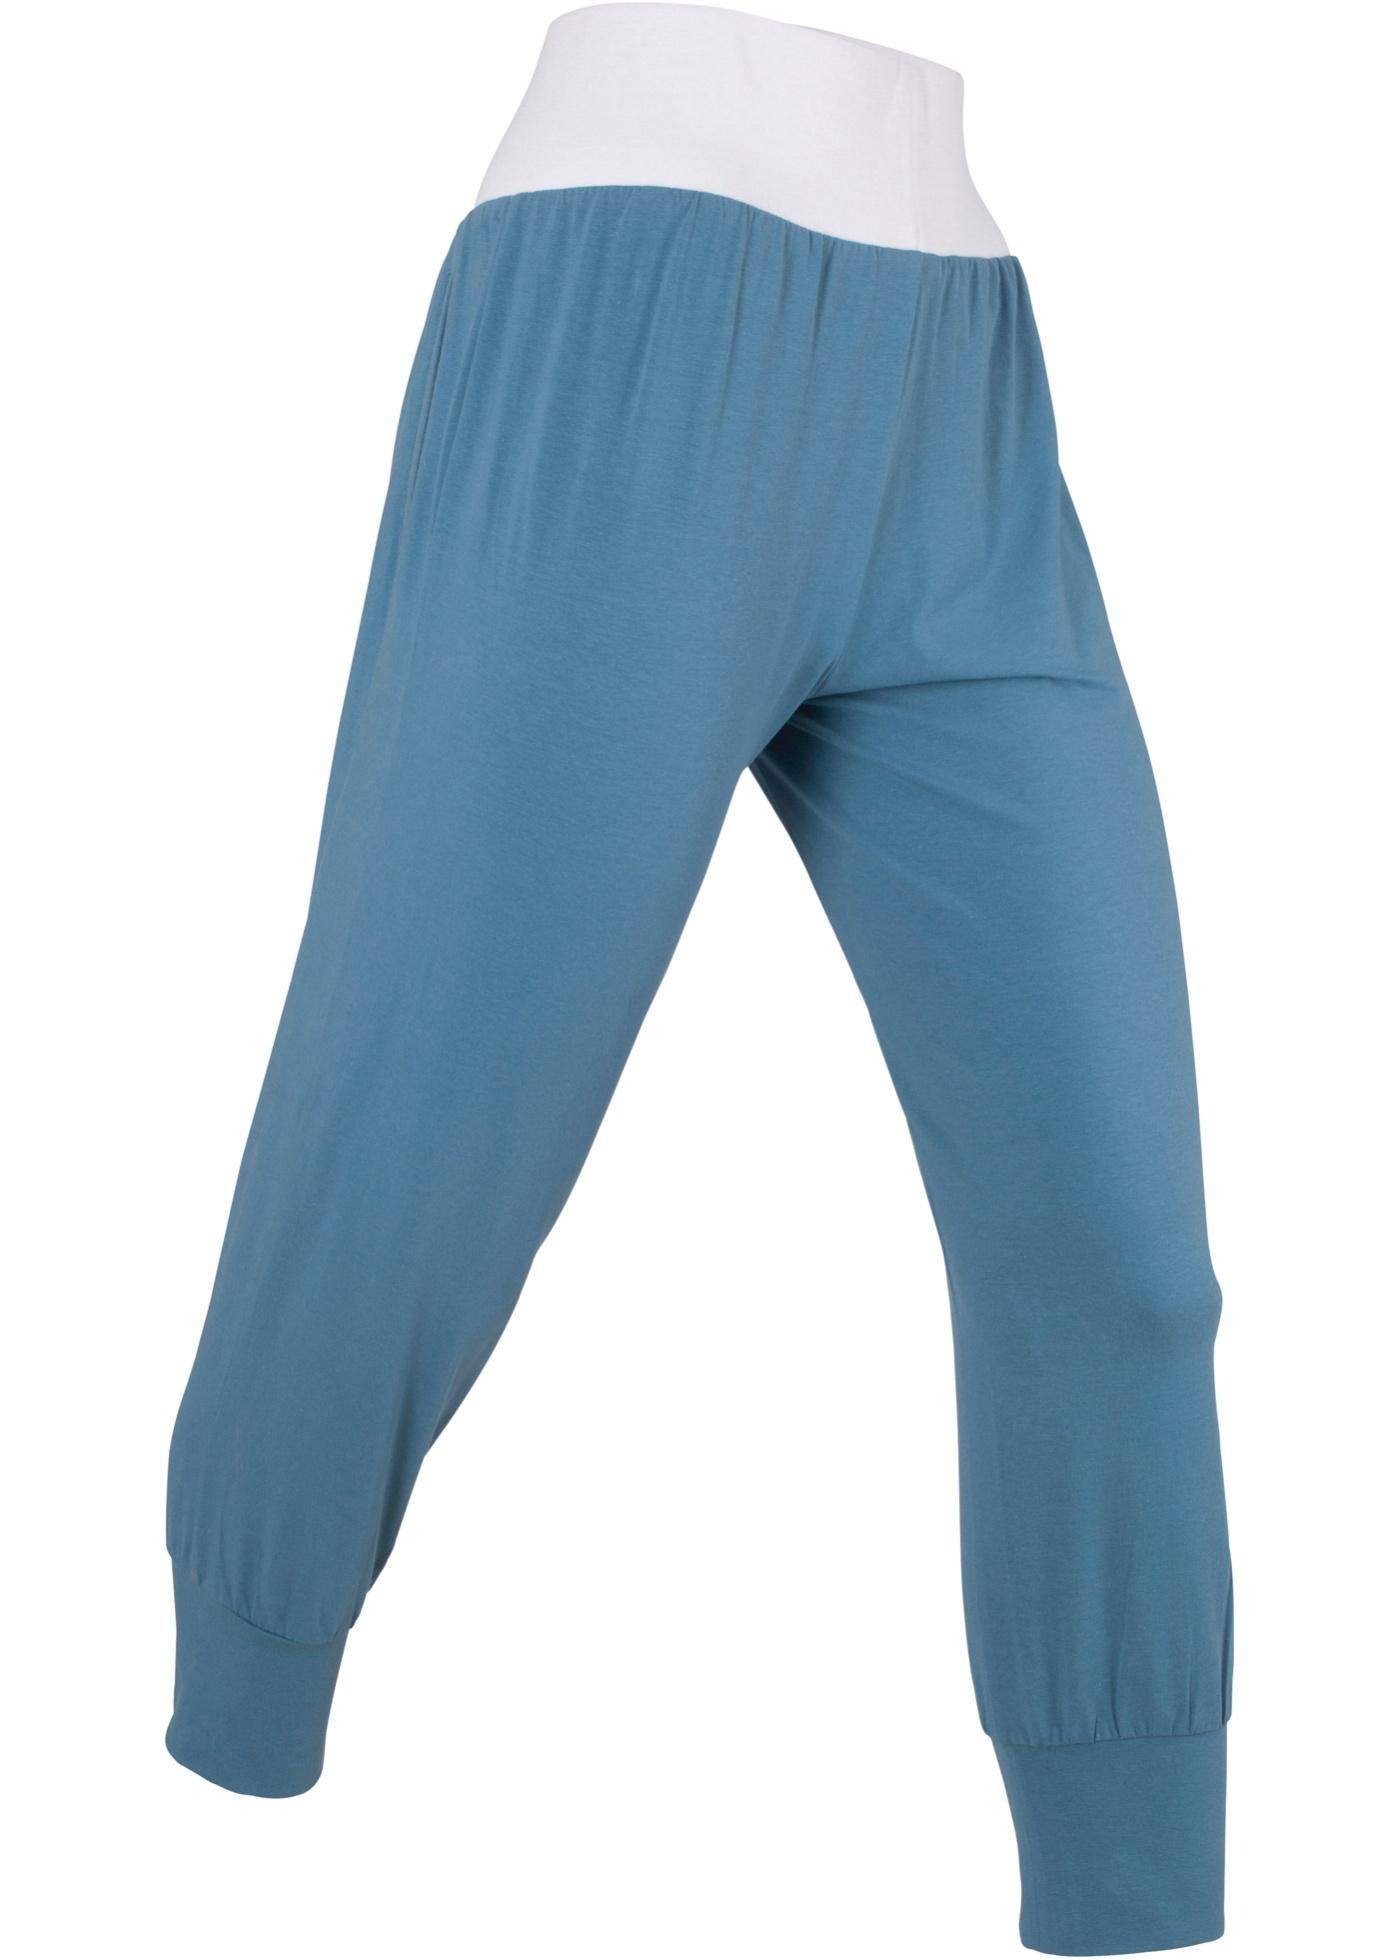 1 Longueur Femme Bpc 3 4Niveau Bonprix CollectionSarouel Bleu Pour j5Lq34AR